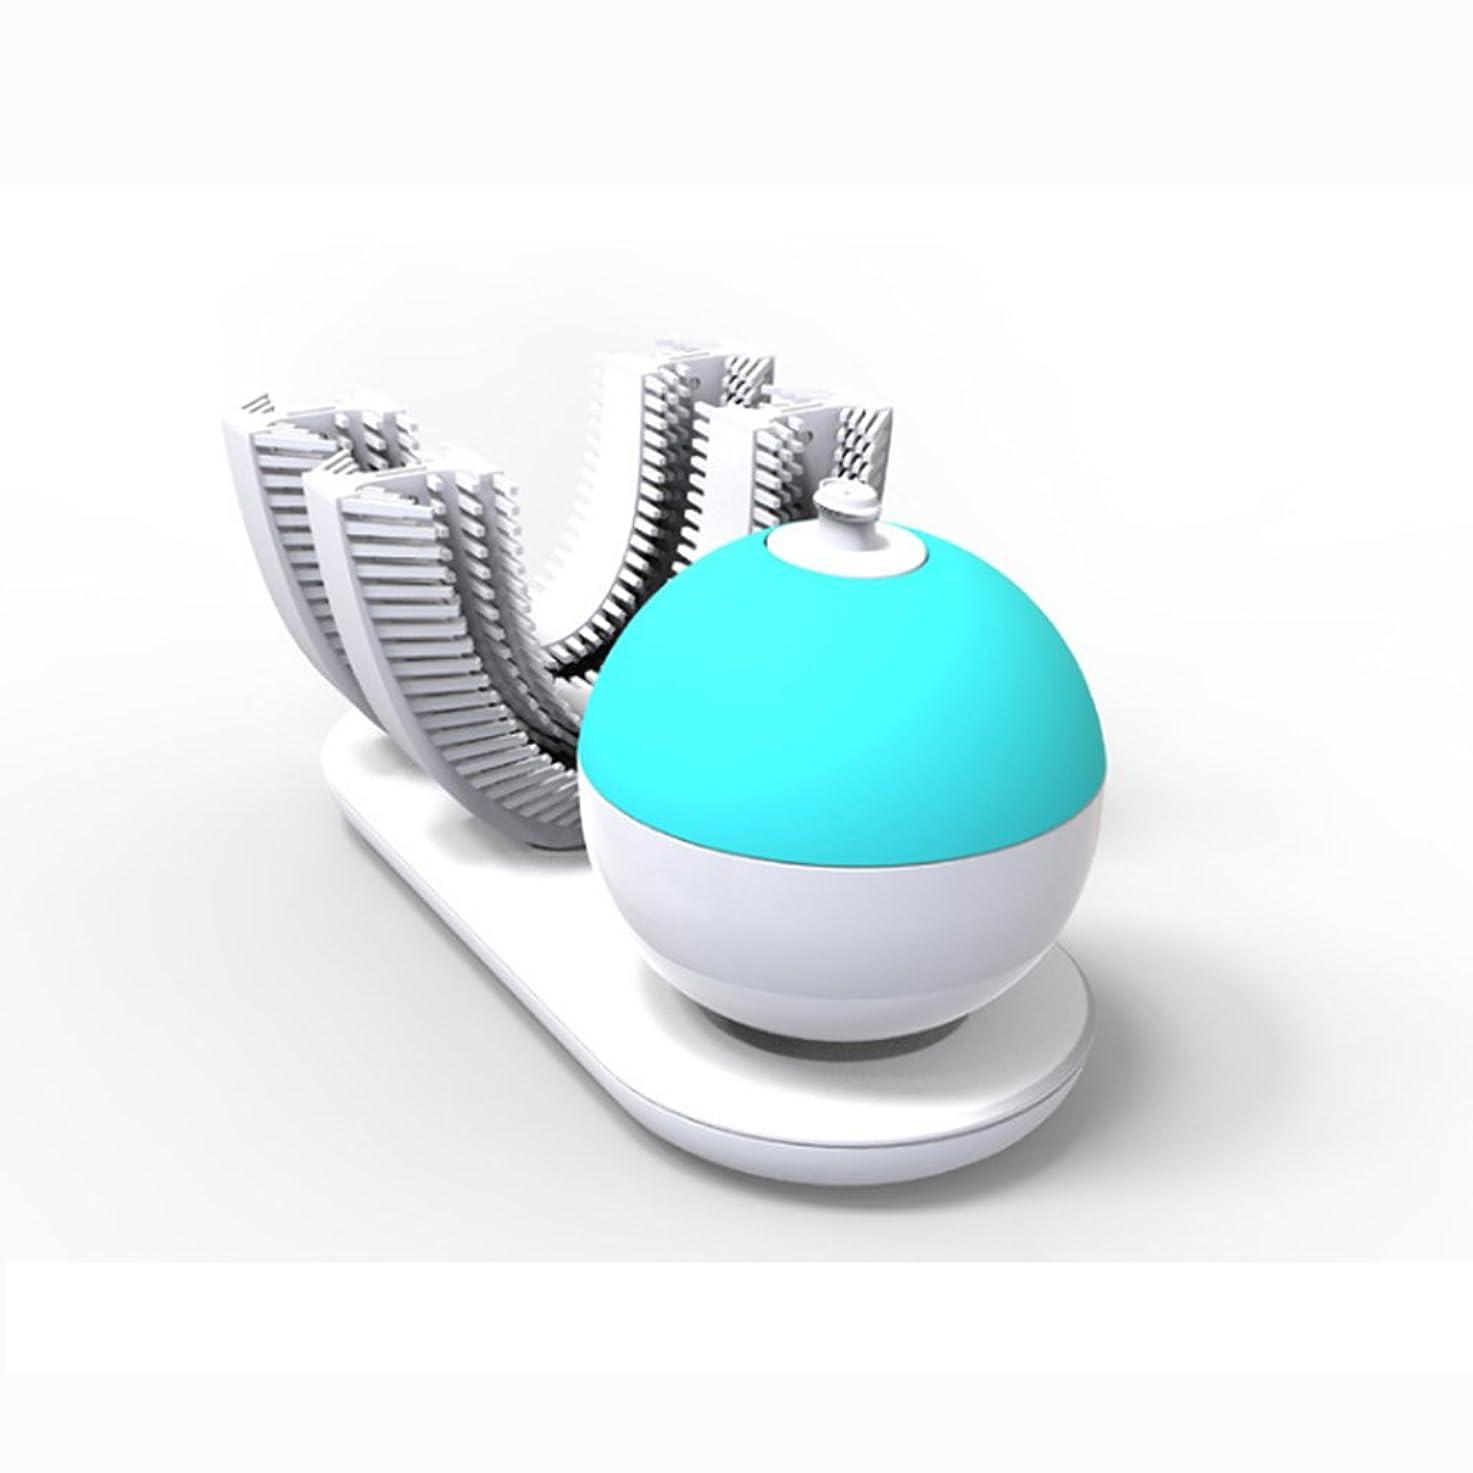 子孫連続的ペア電動歯ブラシ、完全に包まれた自動レイジーブラッシングアーティファクト、スマートシリコン電動歯ブラシ、歯茎を傷つけることなく歯をきれいにする360°